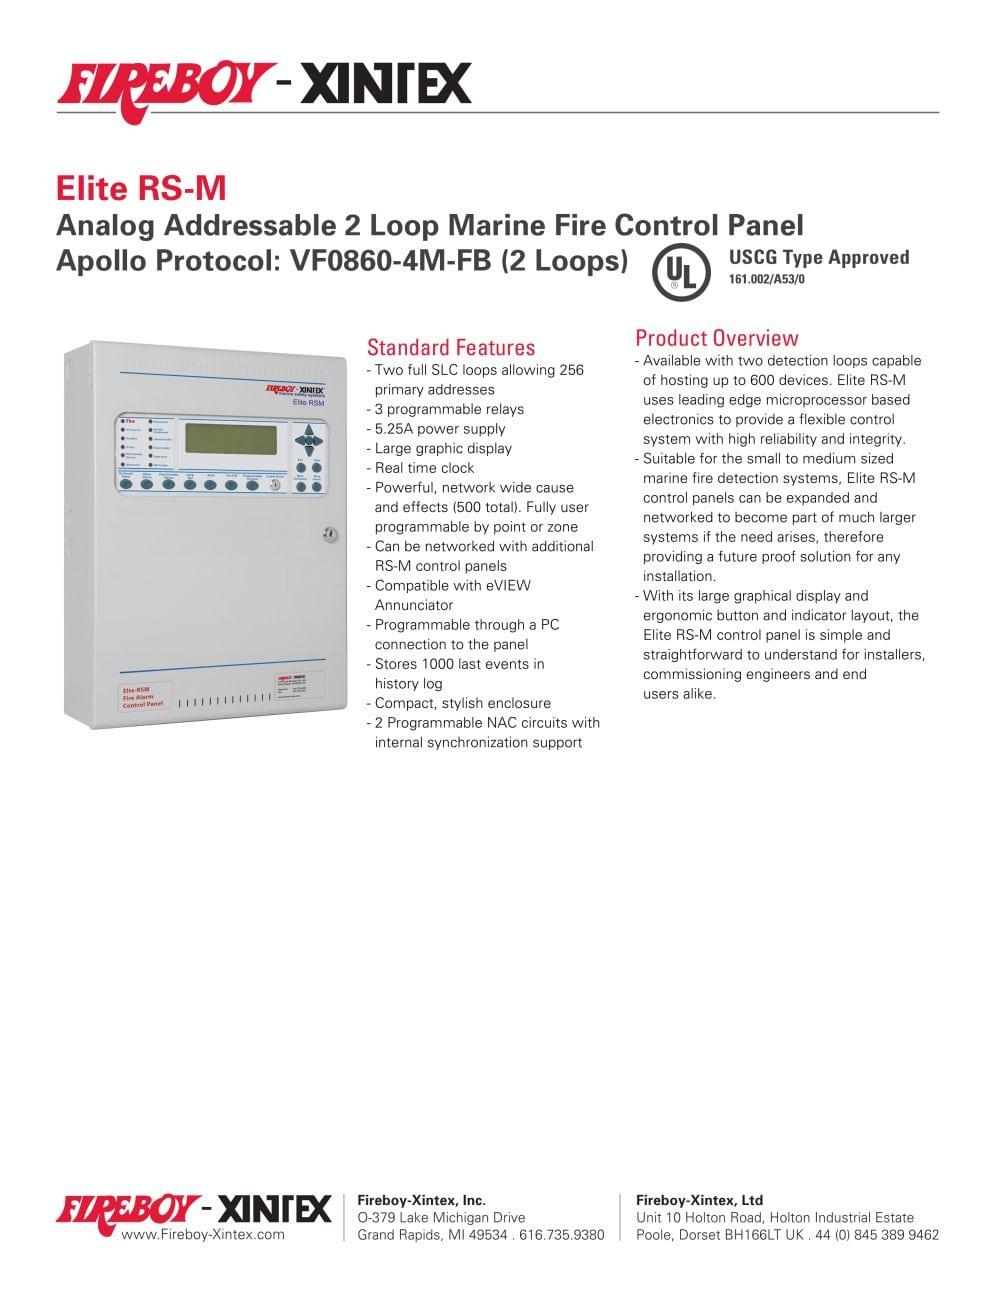 Elite RSM Fire Alarm Control - Fireboy - Xintex - PDF Catalogues ...